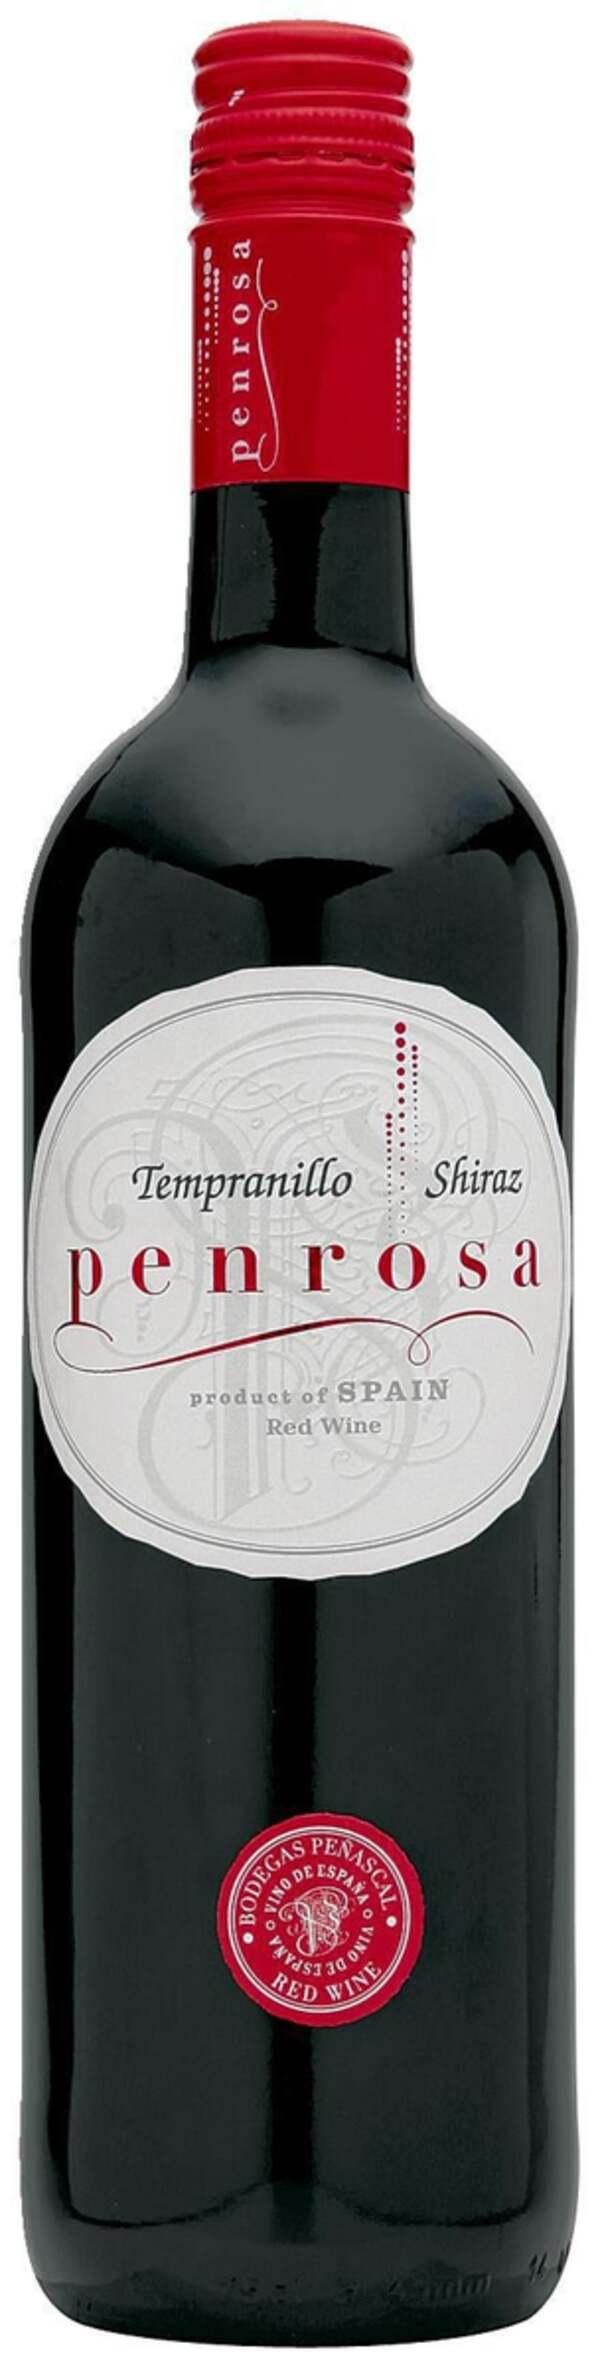 Penrosa Tempranillo - Shiraz Tinto 3.72 EUR/ 1 l